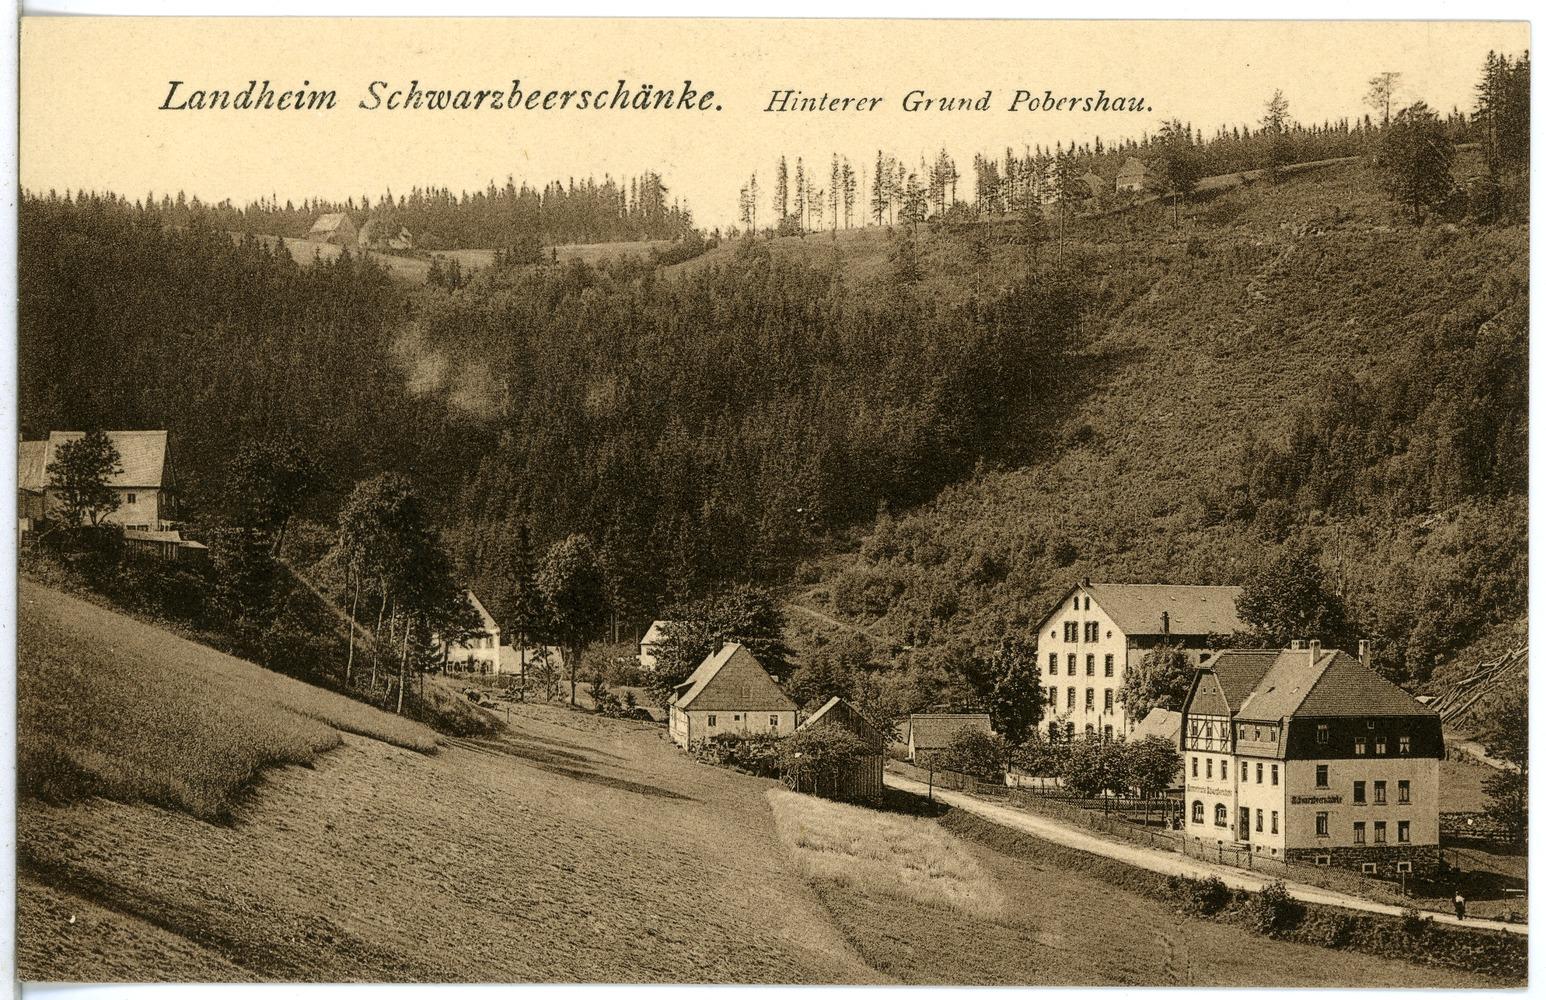 File:22347-Schwarzwassertal-1923-Hinterer Grund Pobershau, Landheim ...